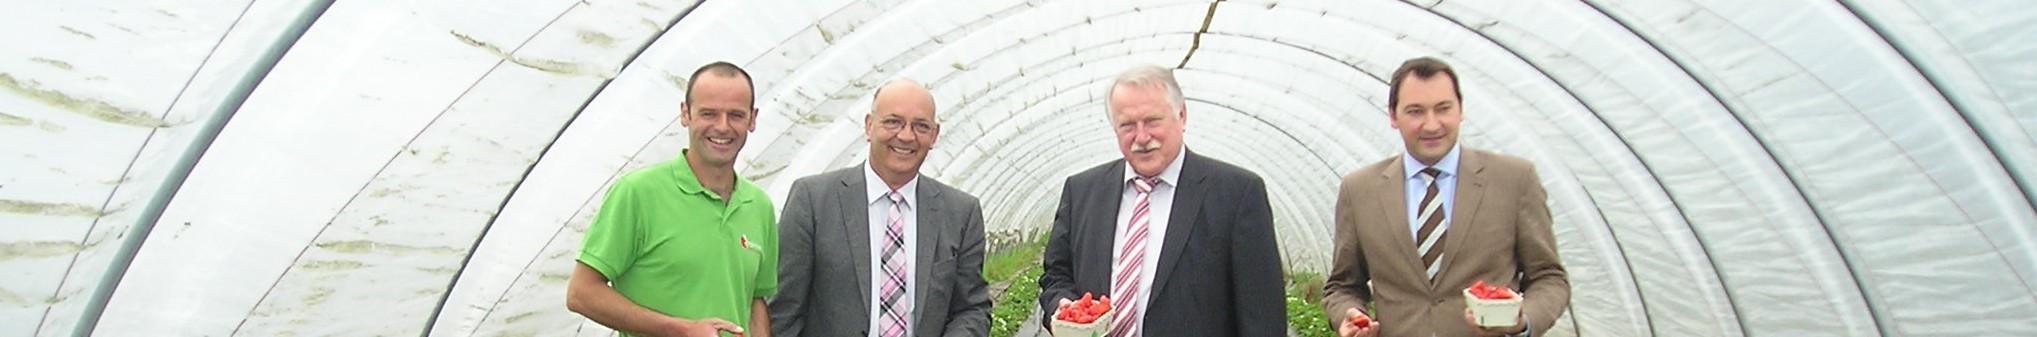 Bild Eröffnung der Erdbeersaison in Baden-Württemberg